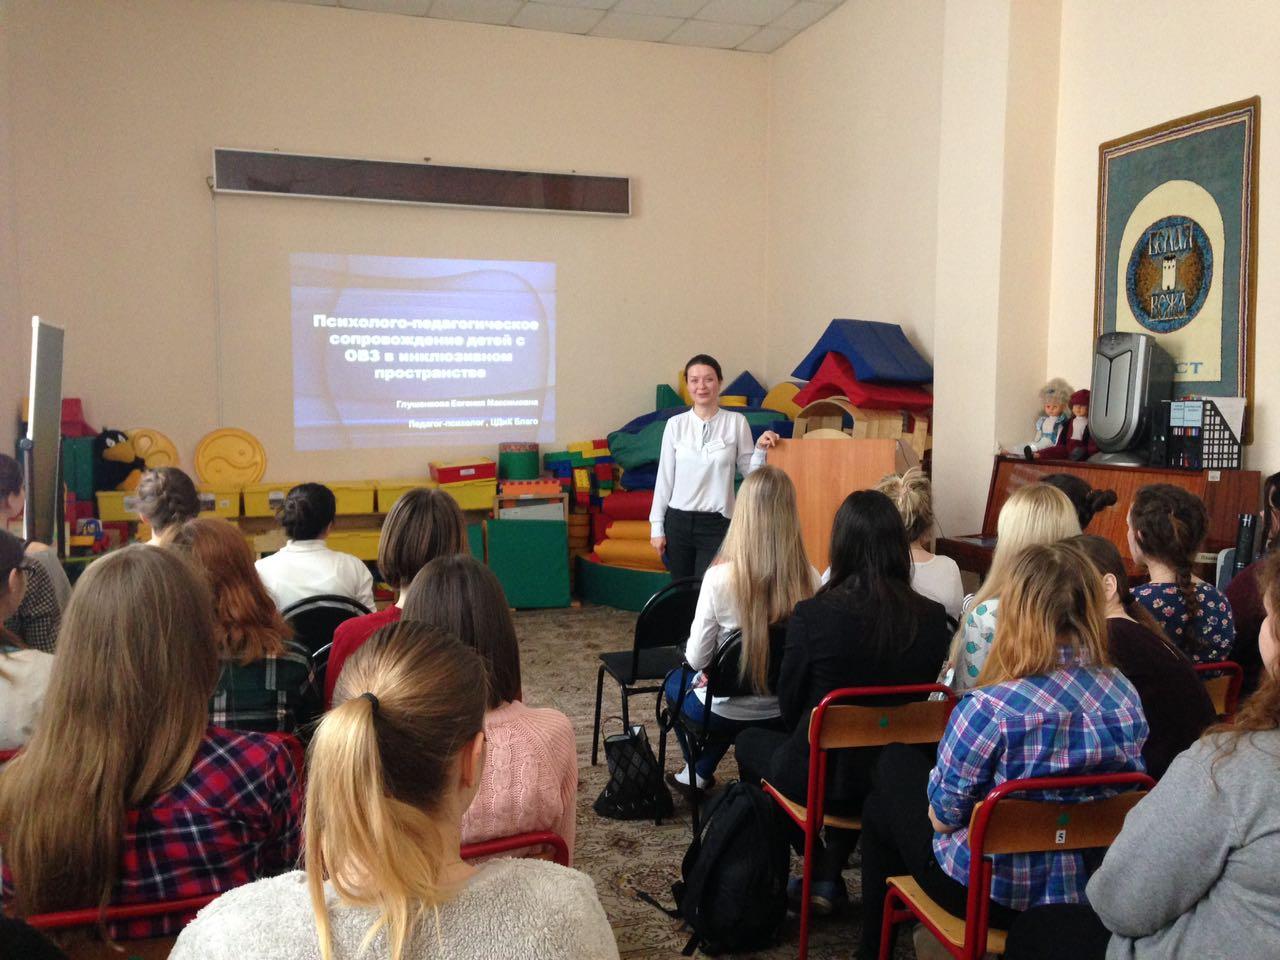 «Психолого-педагогическое сопровождение детей с ОВЗ в инклюзивном пространстве»